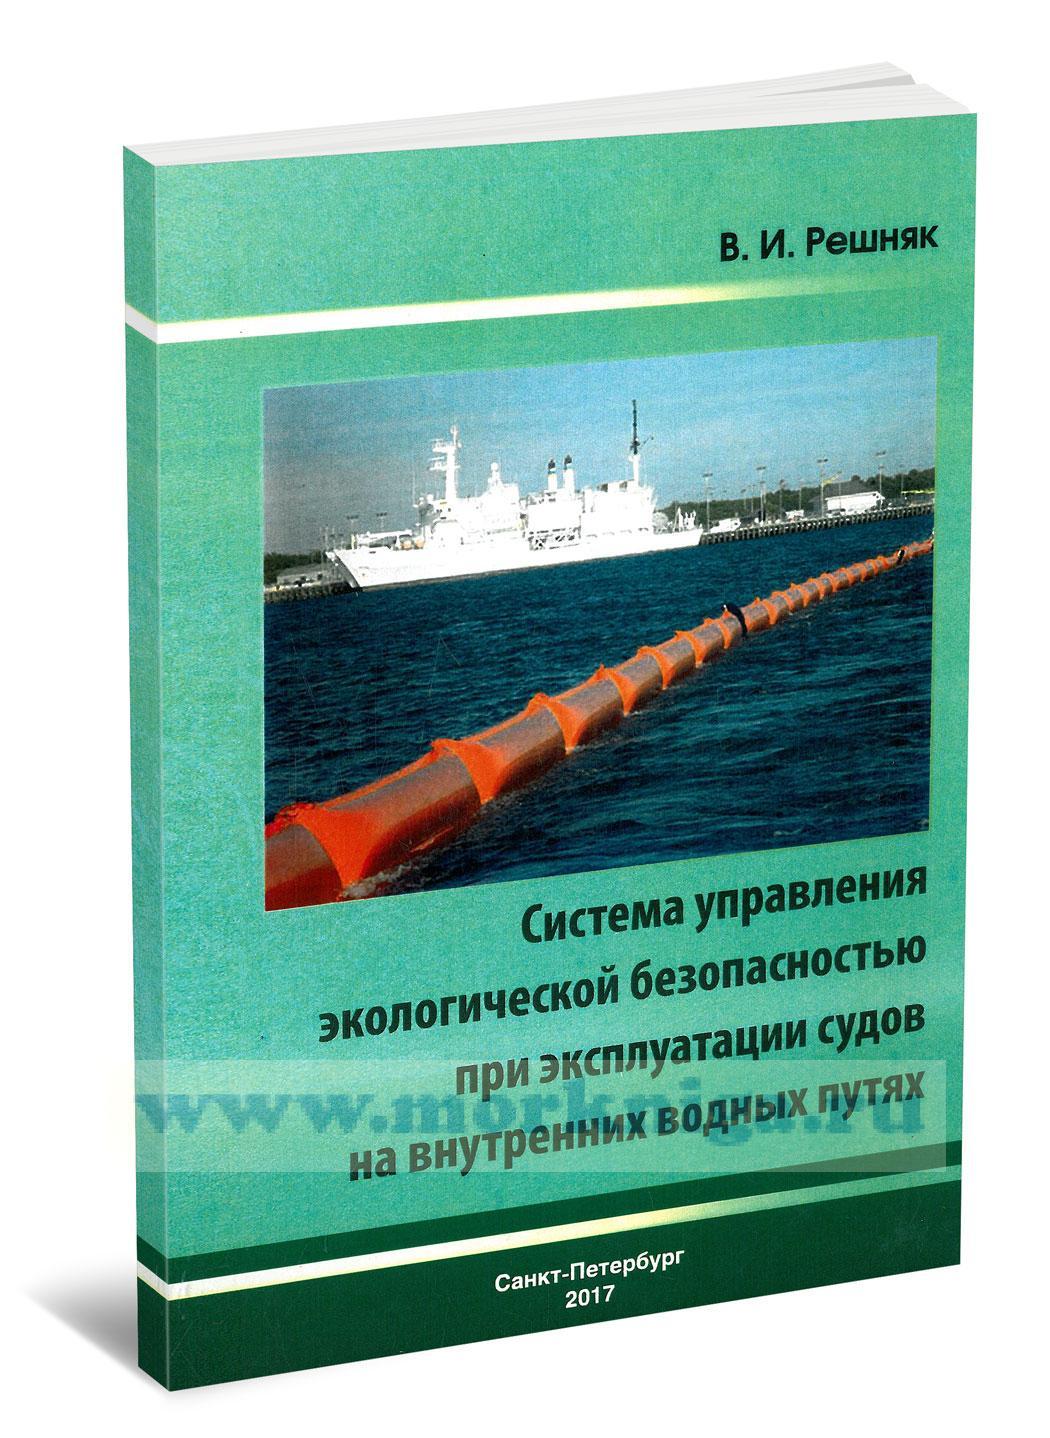 Система управления экологической безопасностью при эксплуатации судов на внутренних водных путях: монография